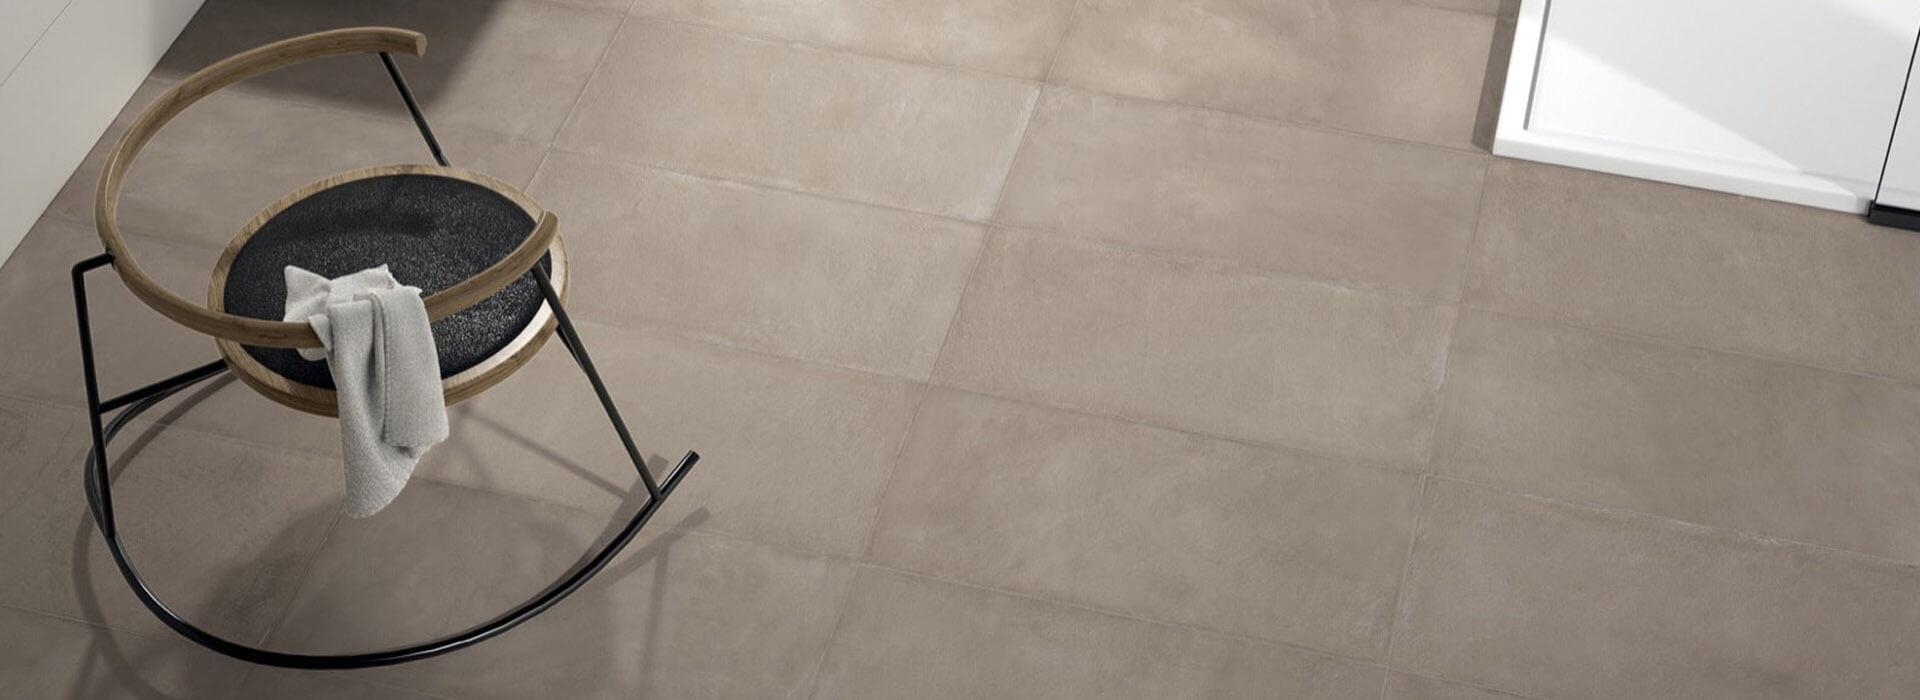 carrelage effet ciment spatulé